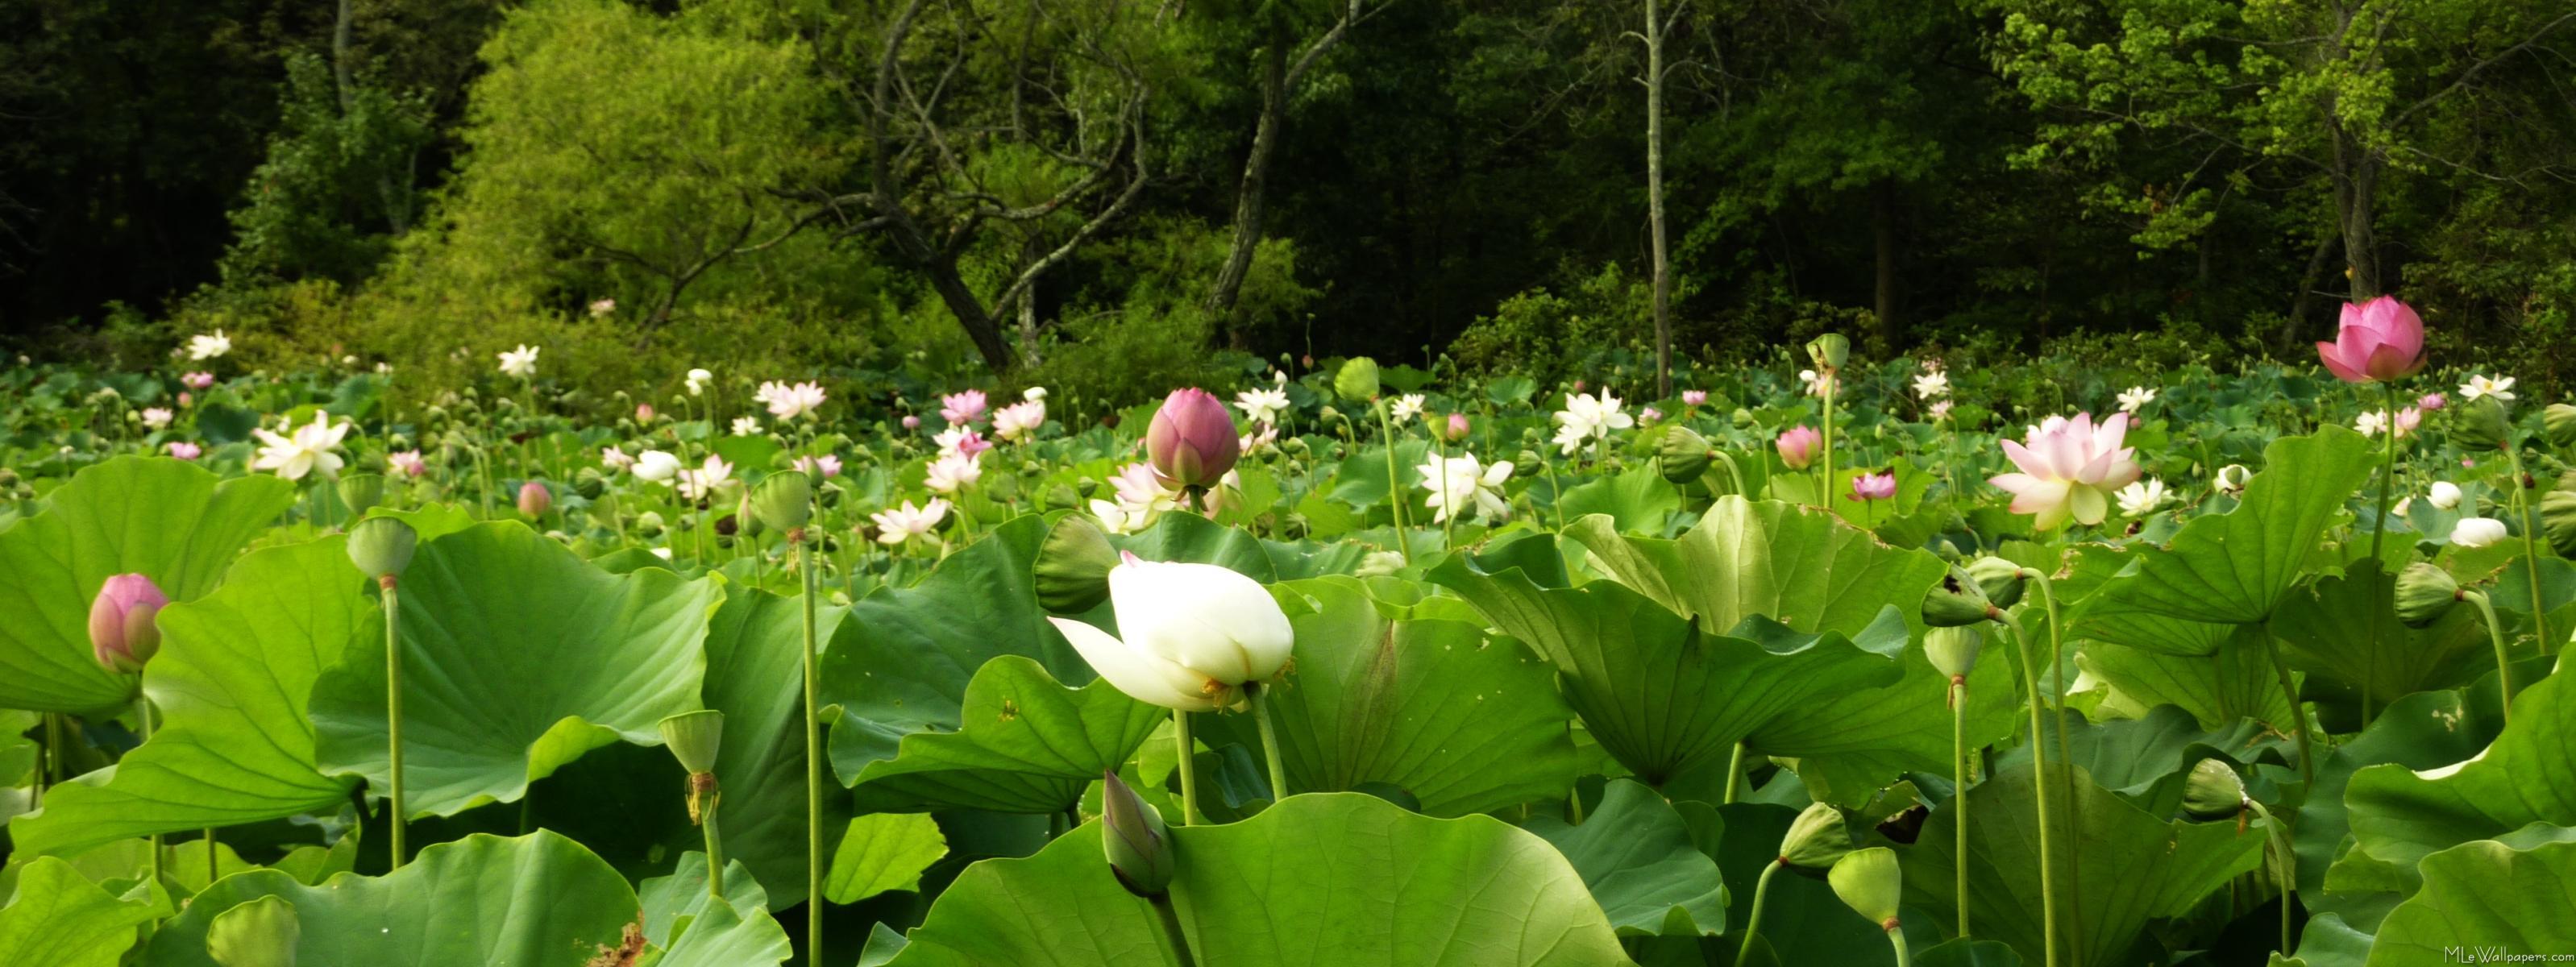 Mlewallpapers Com Field Of Lotus Flowers